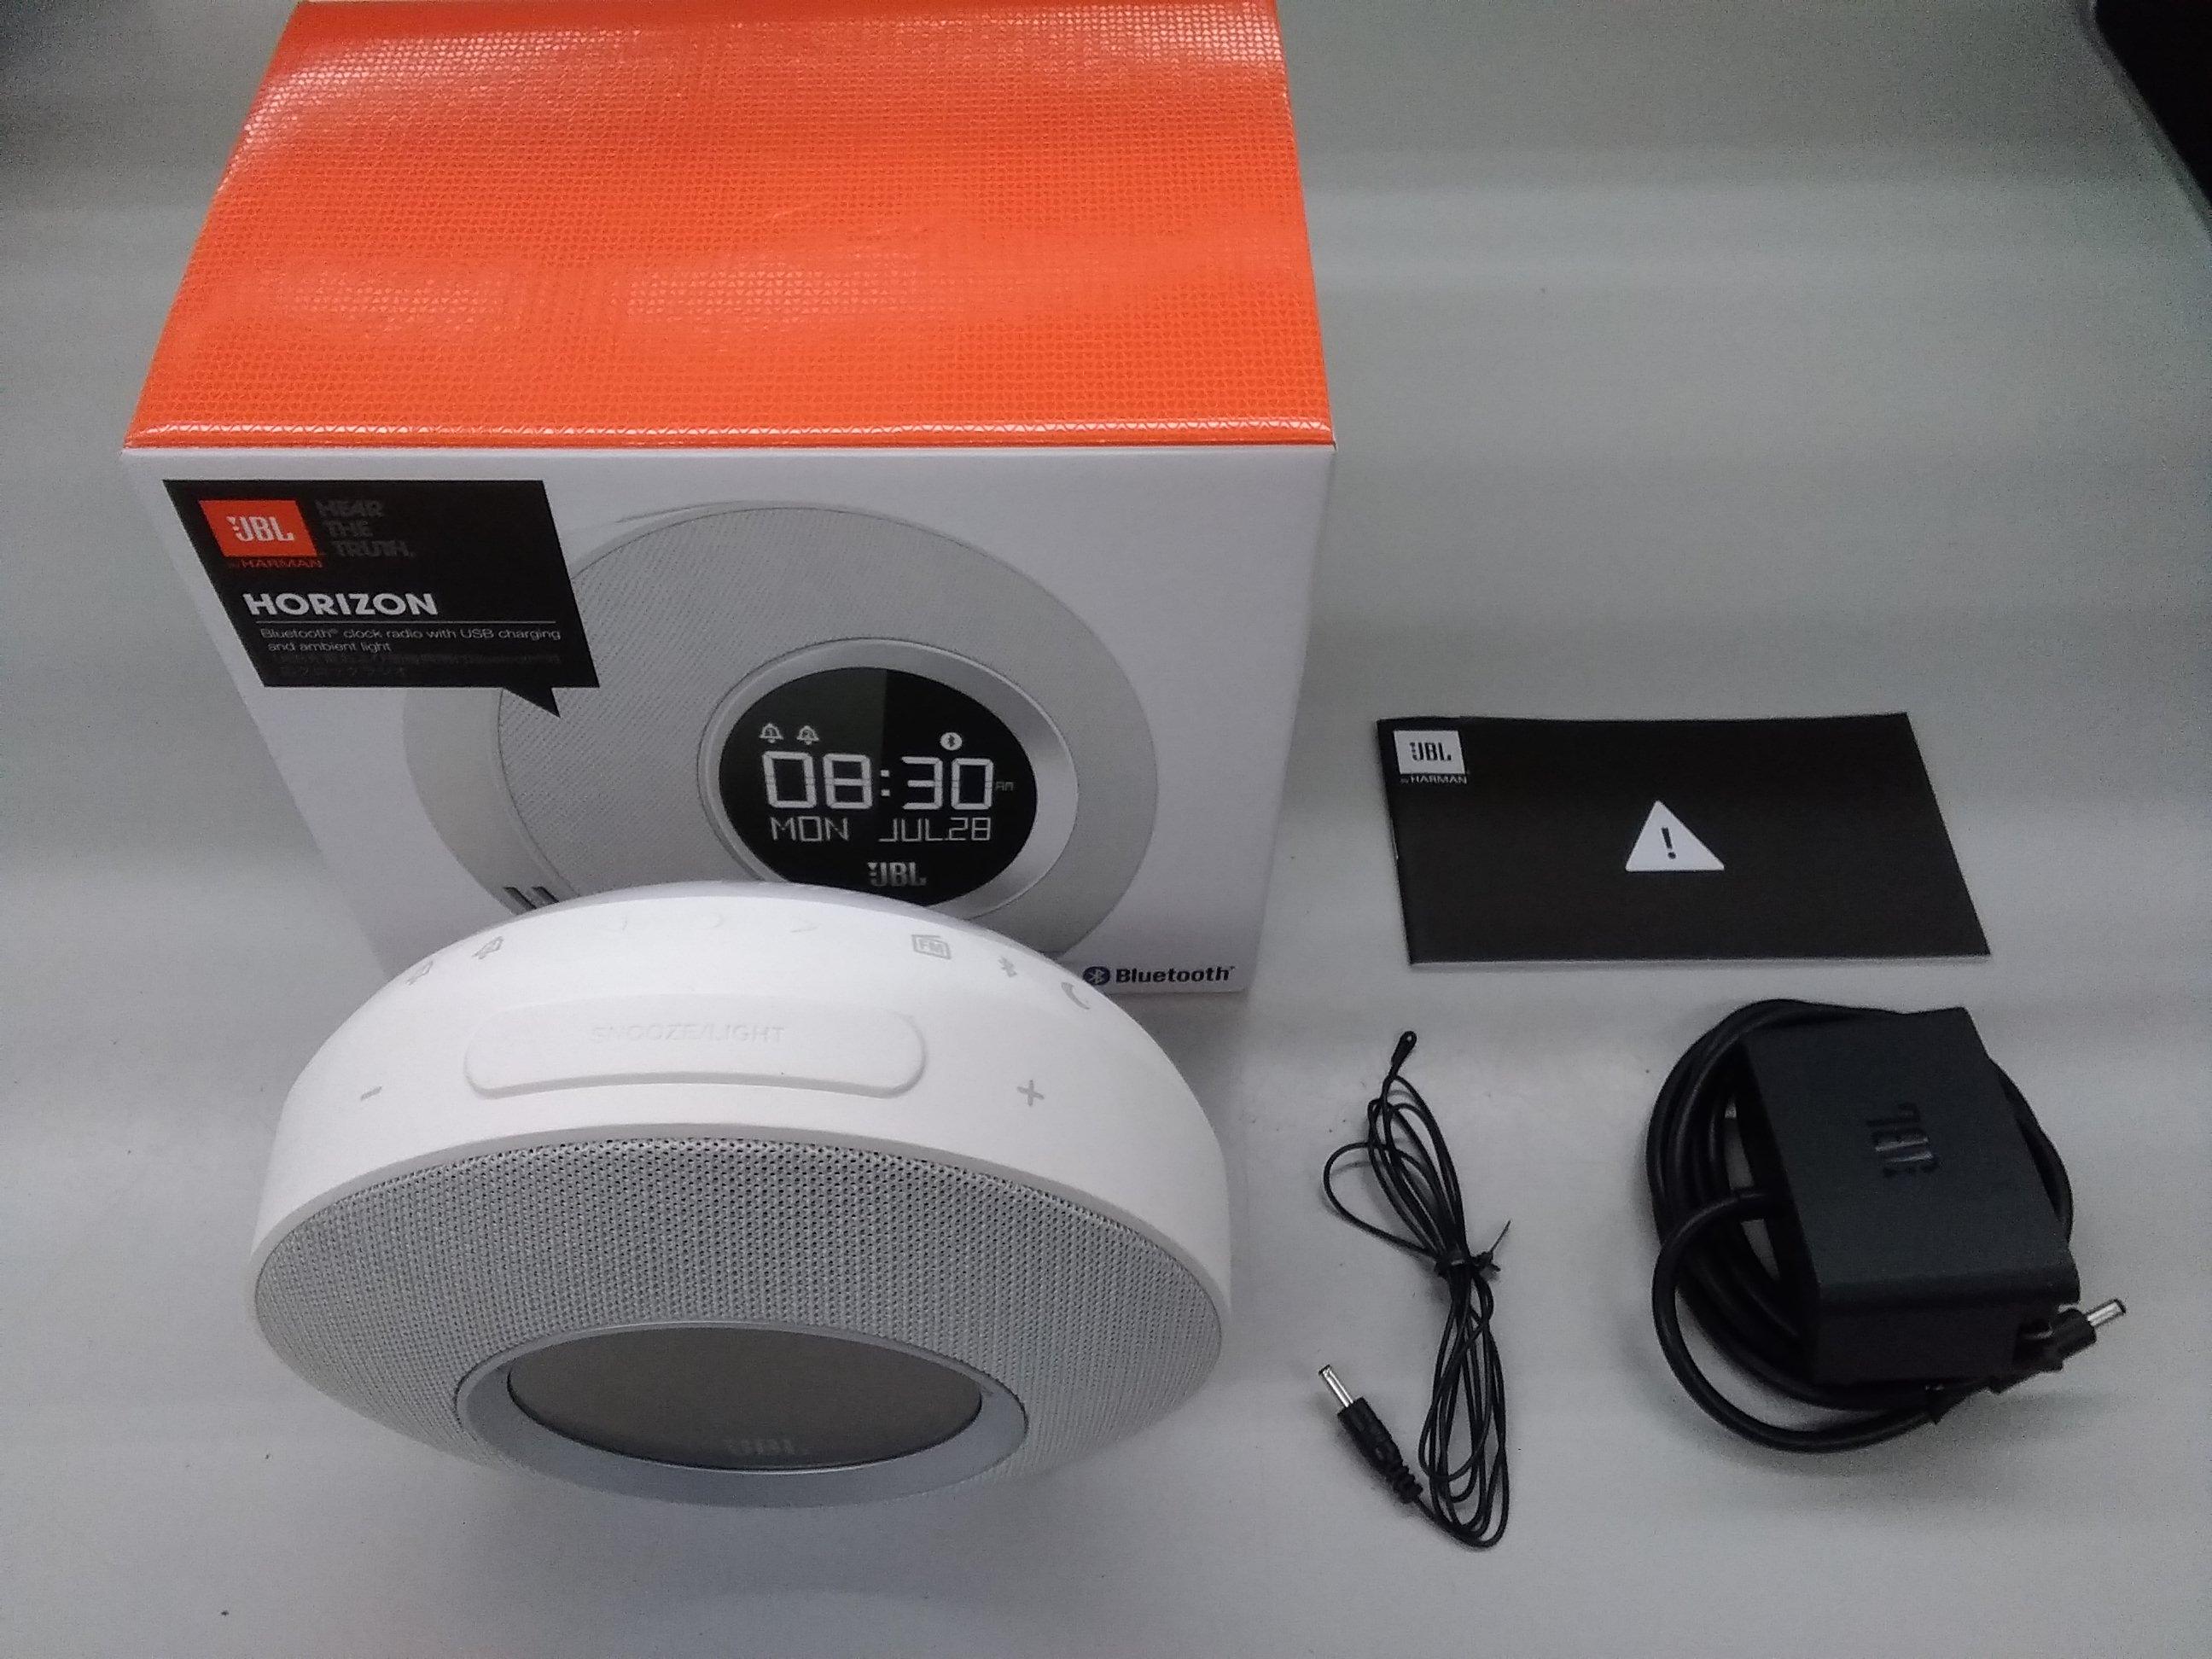 ブルートゥース対応クロックラジオ|JBL